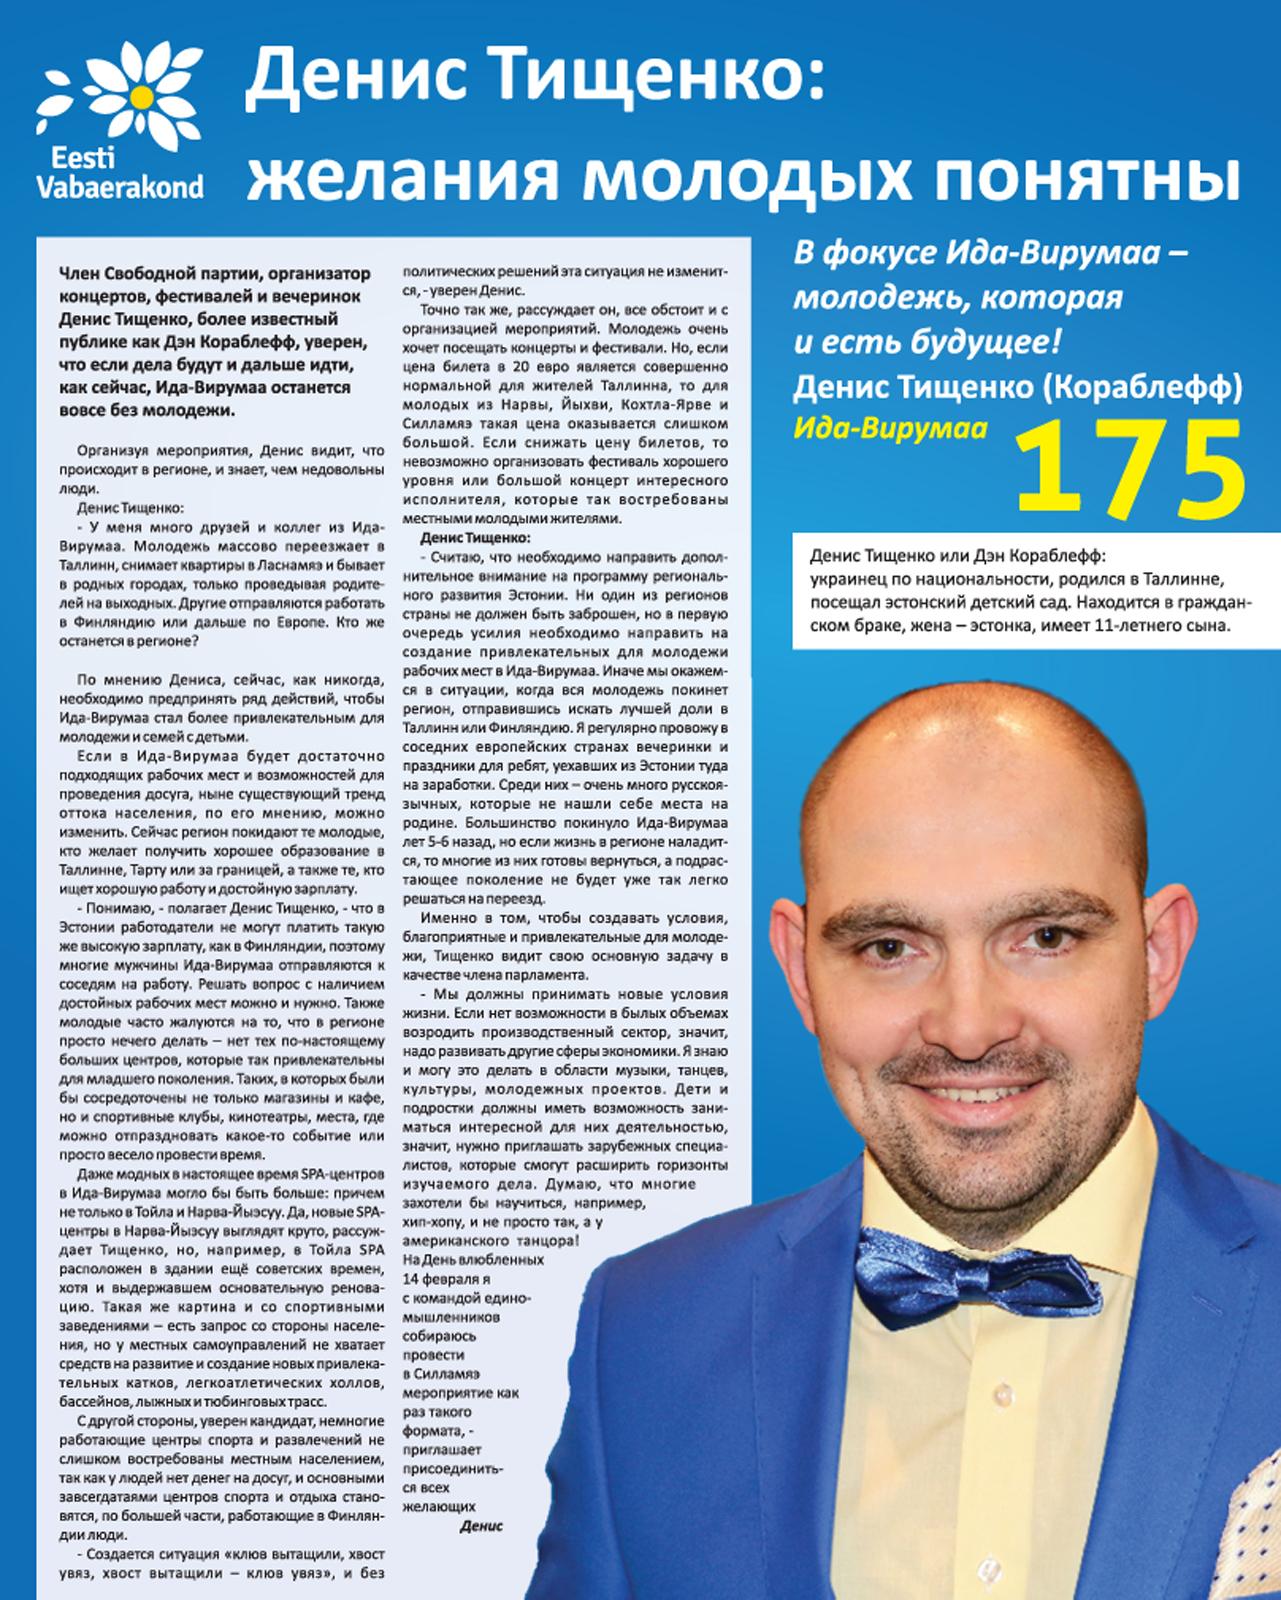 Свободная партия (175 DENISS TIŠTŠENKO Ида-Вирумаа)